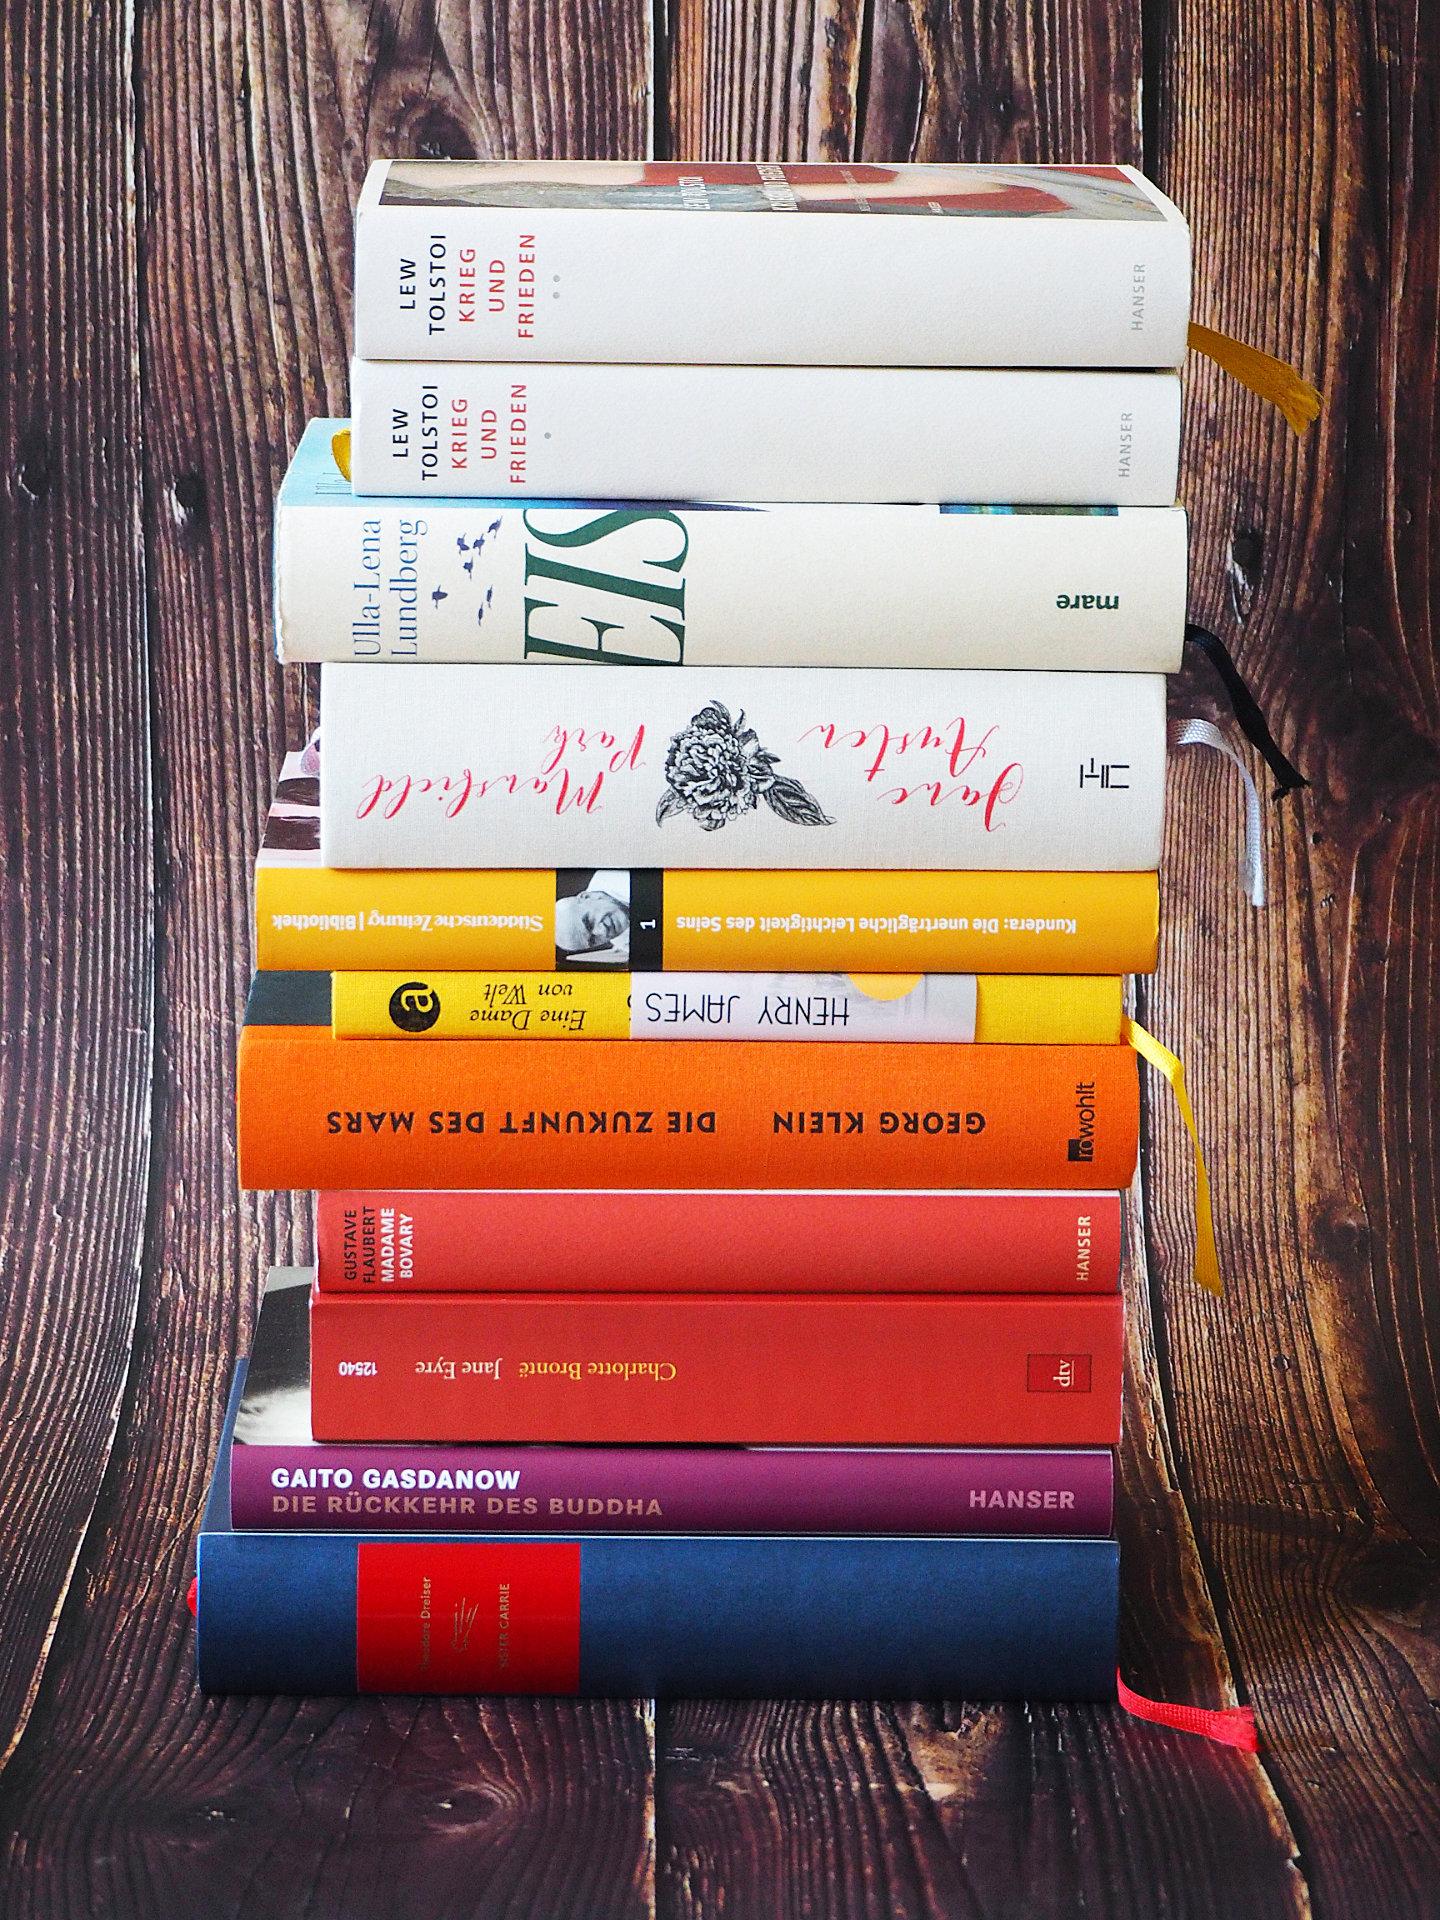 Kanon der Buchblogger